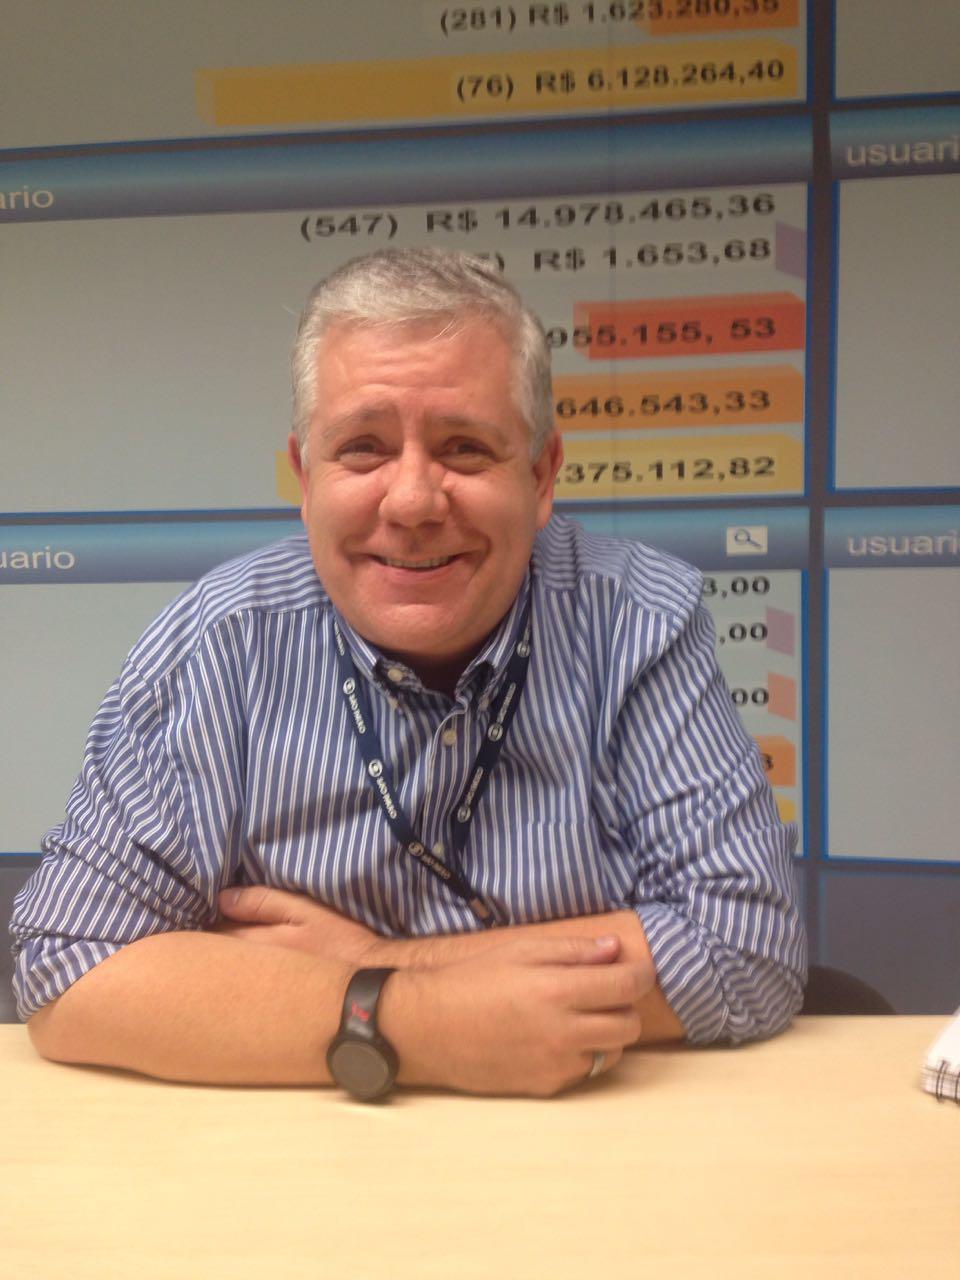 Ayres Plata na sede da Globo em São Paulo Foto: Gabriela Soares